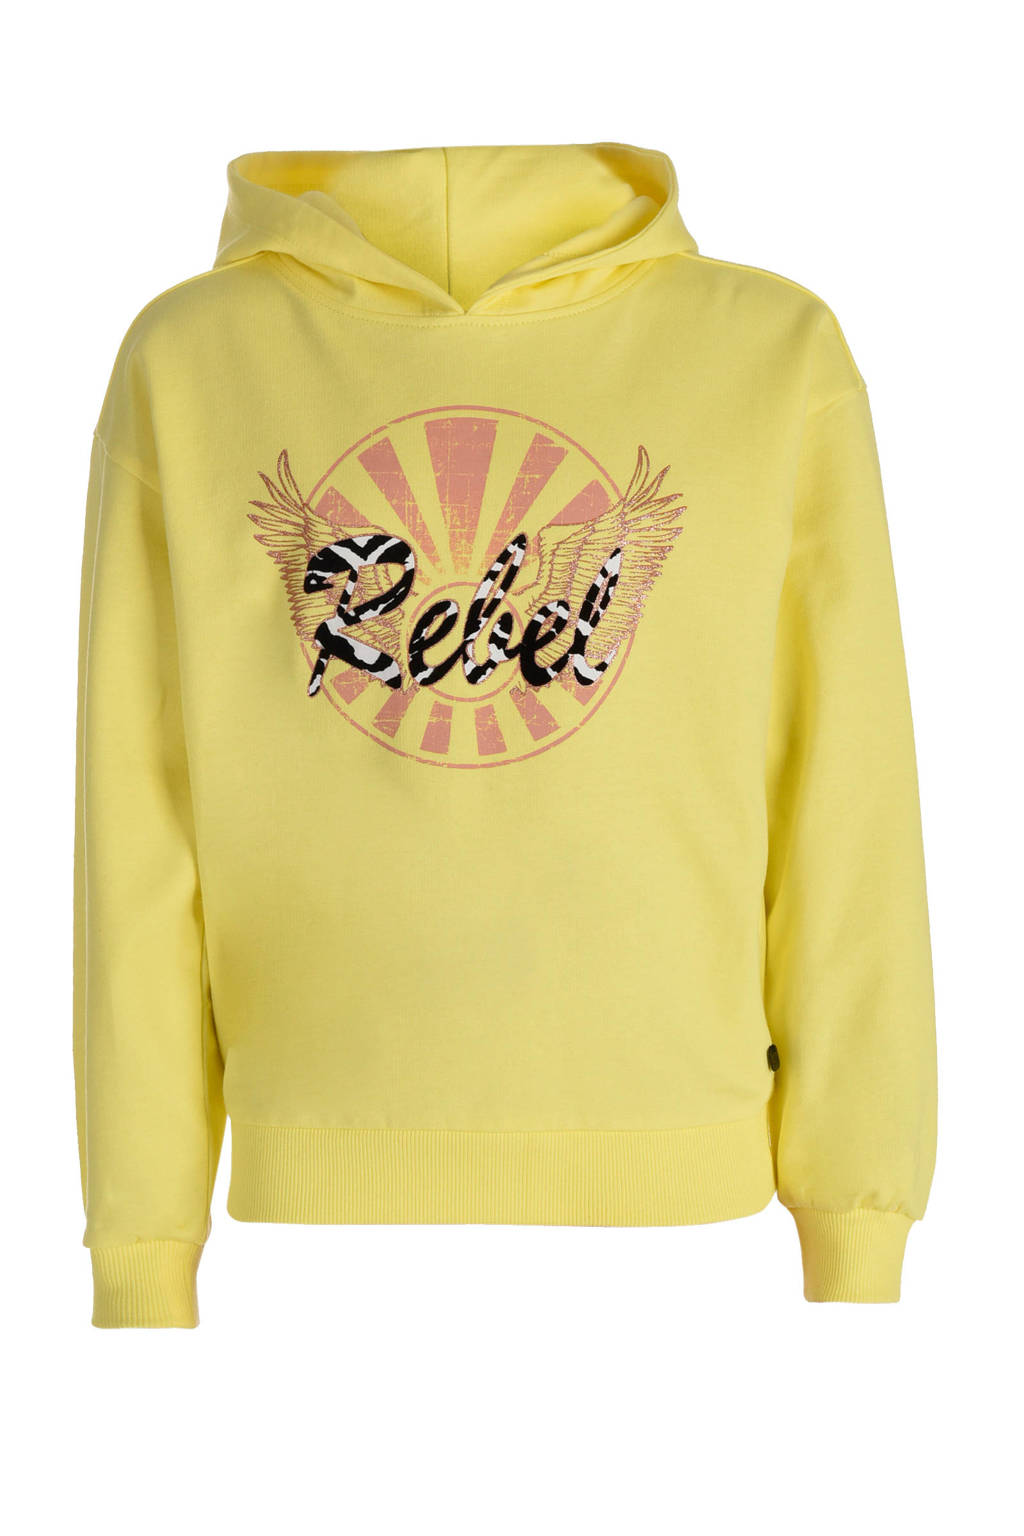 JILL MITCH hoodie Tirsa met printopdruk geel, Geel